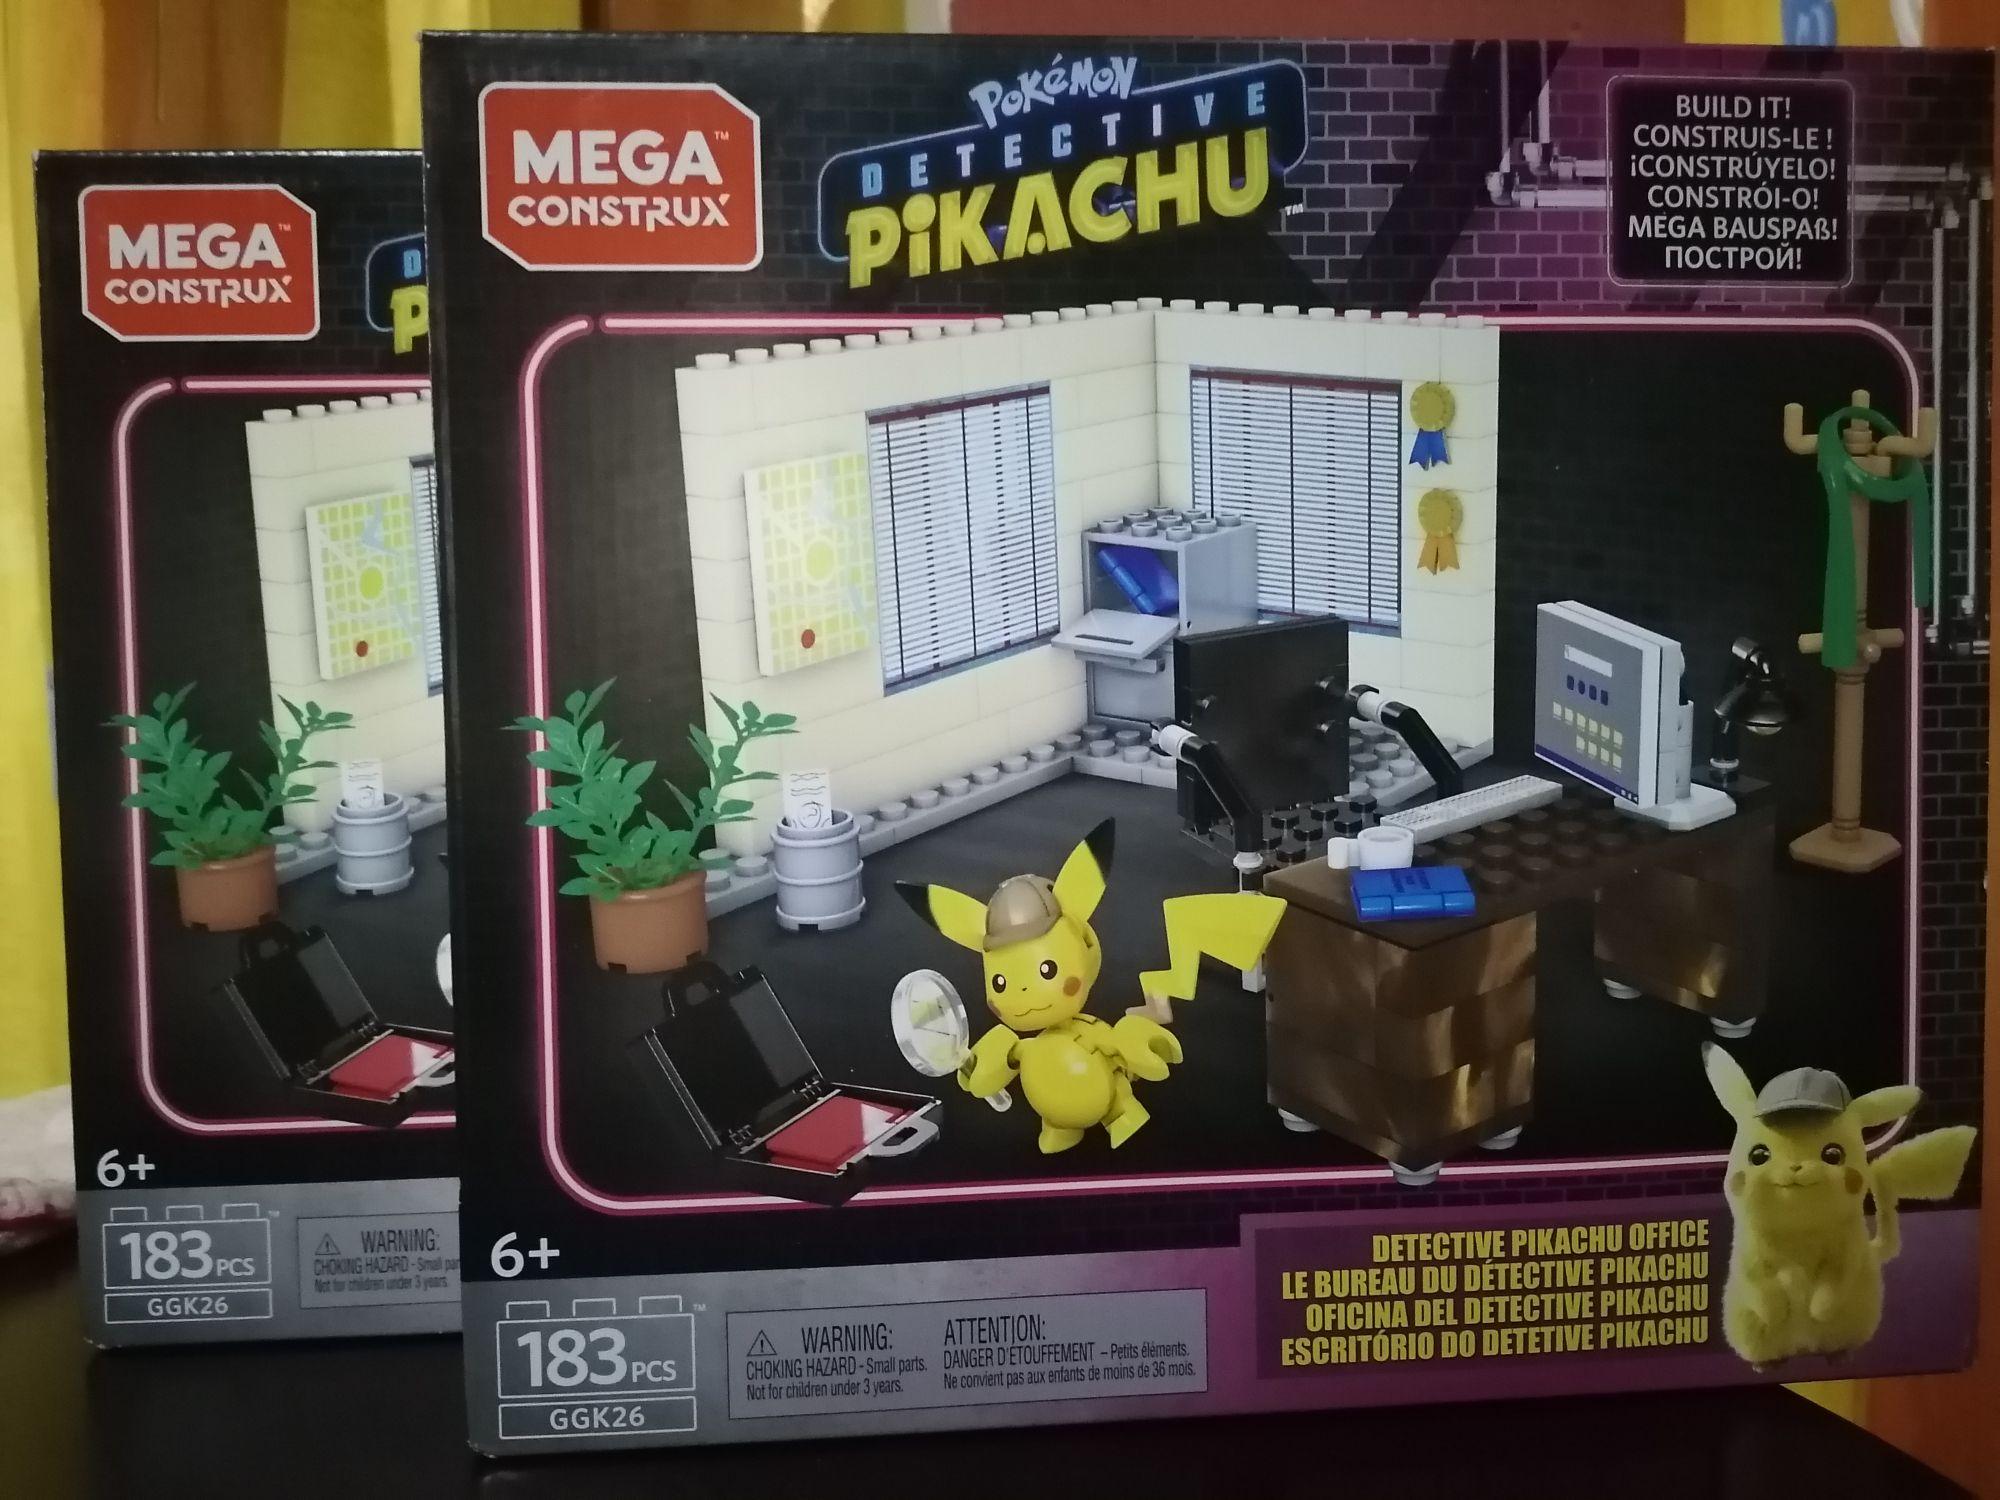 Bodega Aurrerá : Mega Construx. Oficina del detective Pikachu